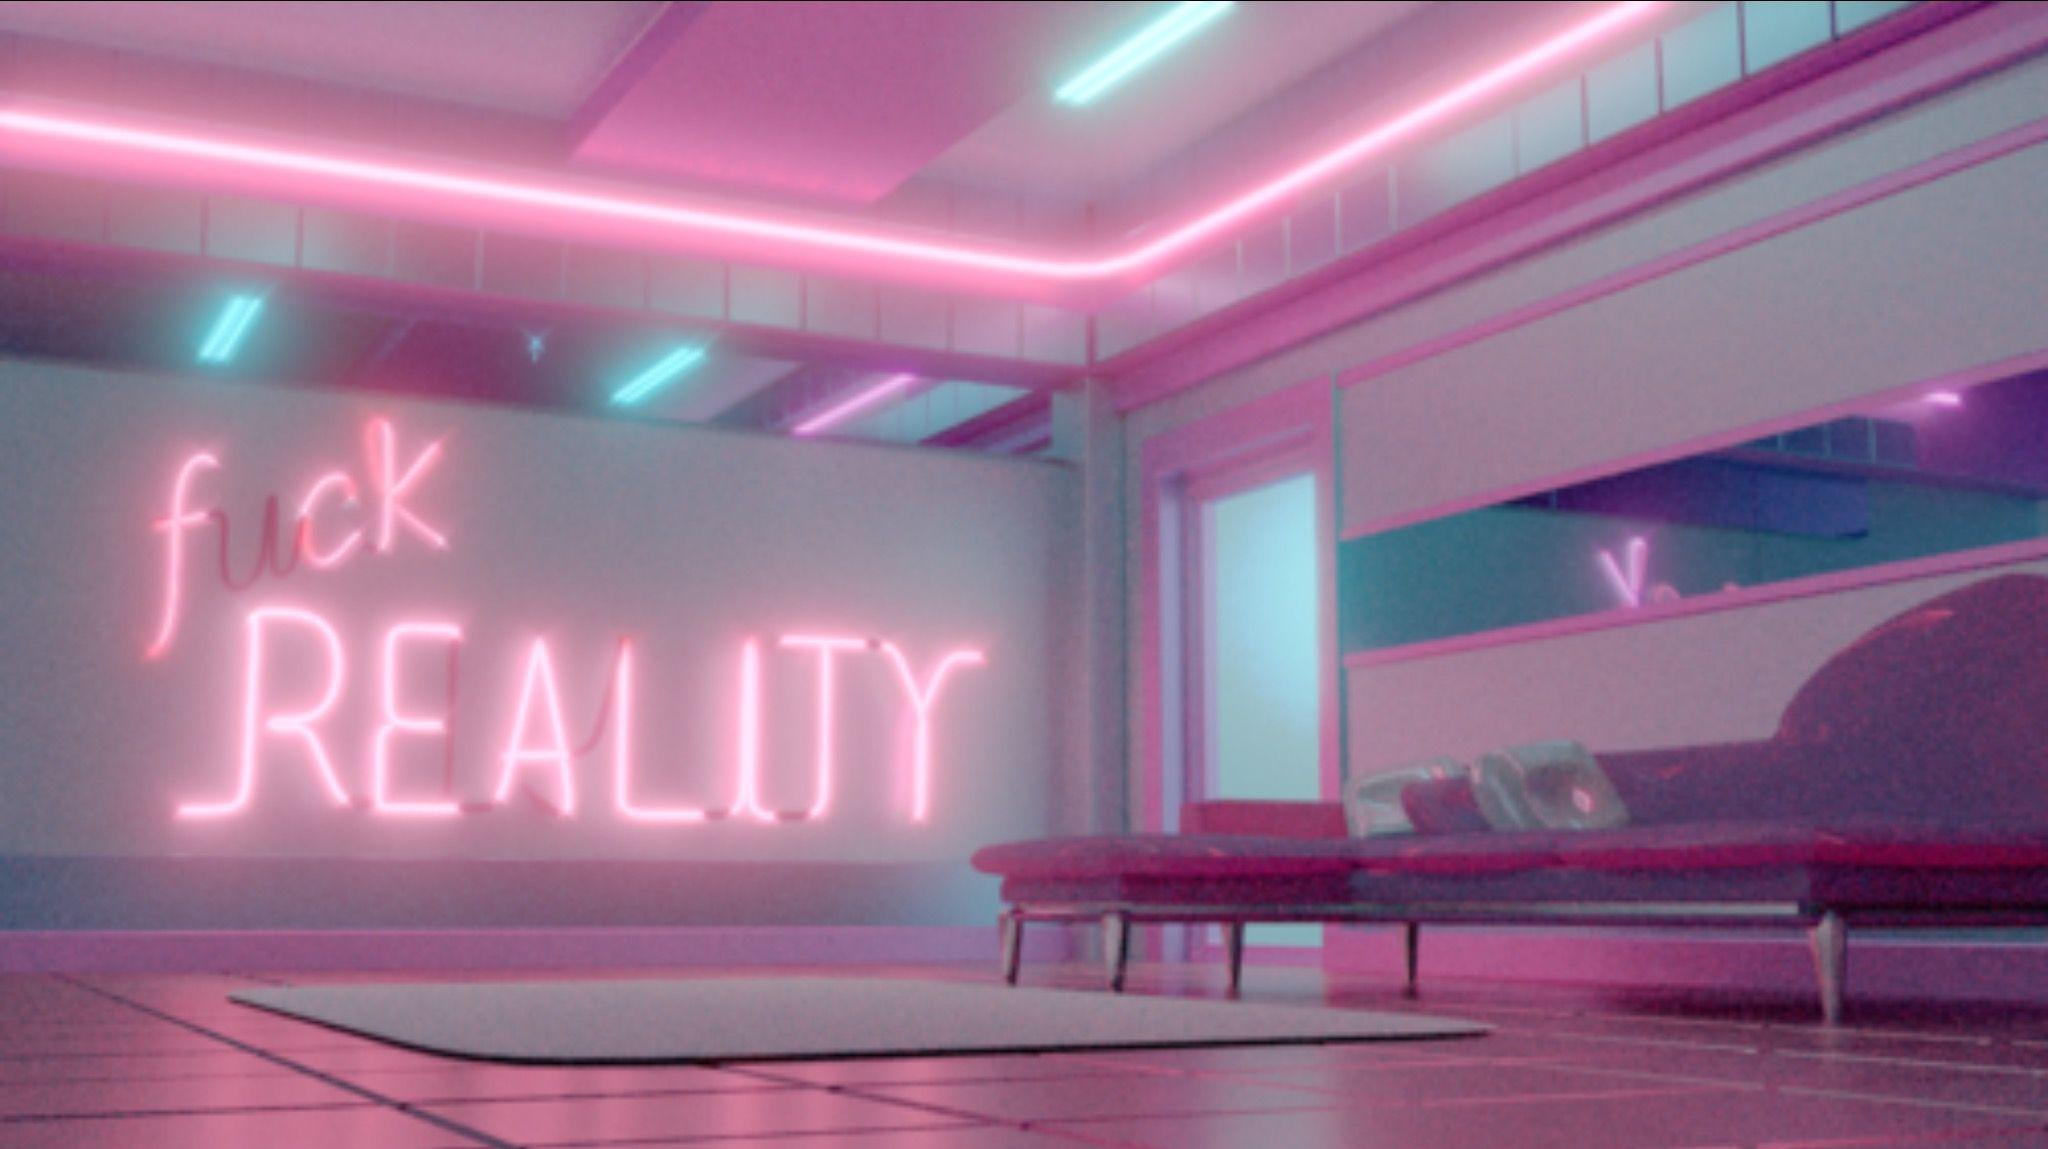 Fuck reality Pink aesthetic